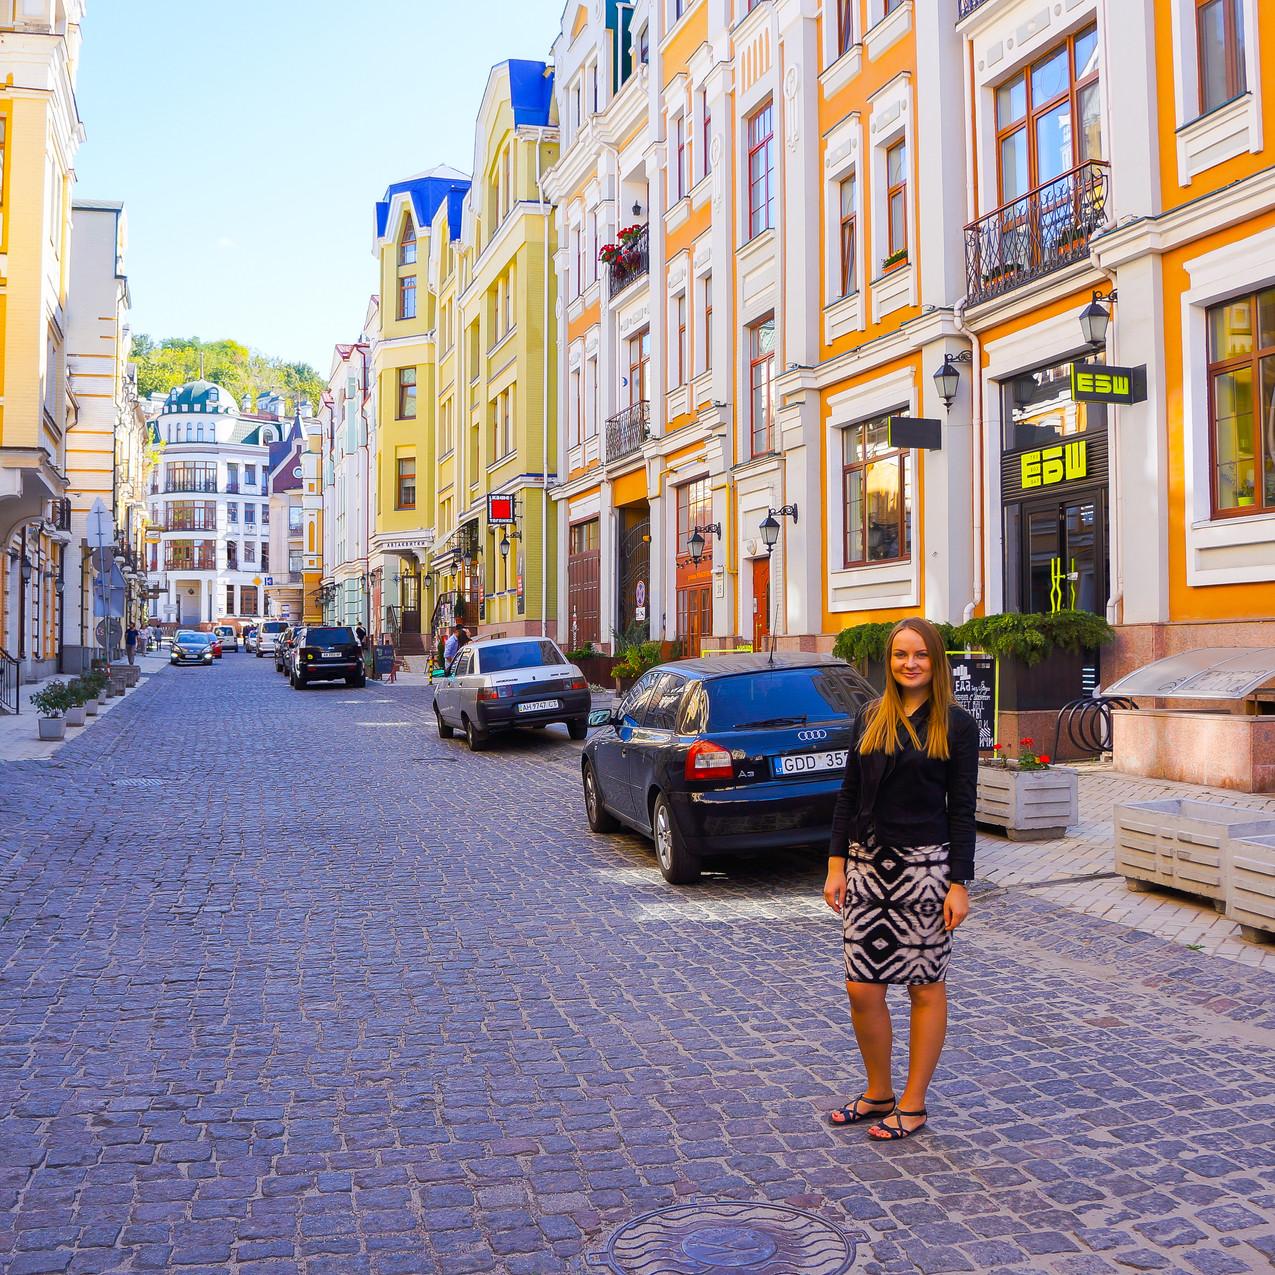 Vozdvyzhenska Street